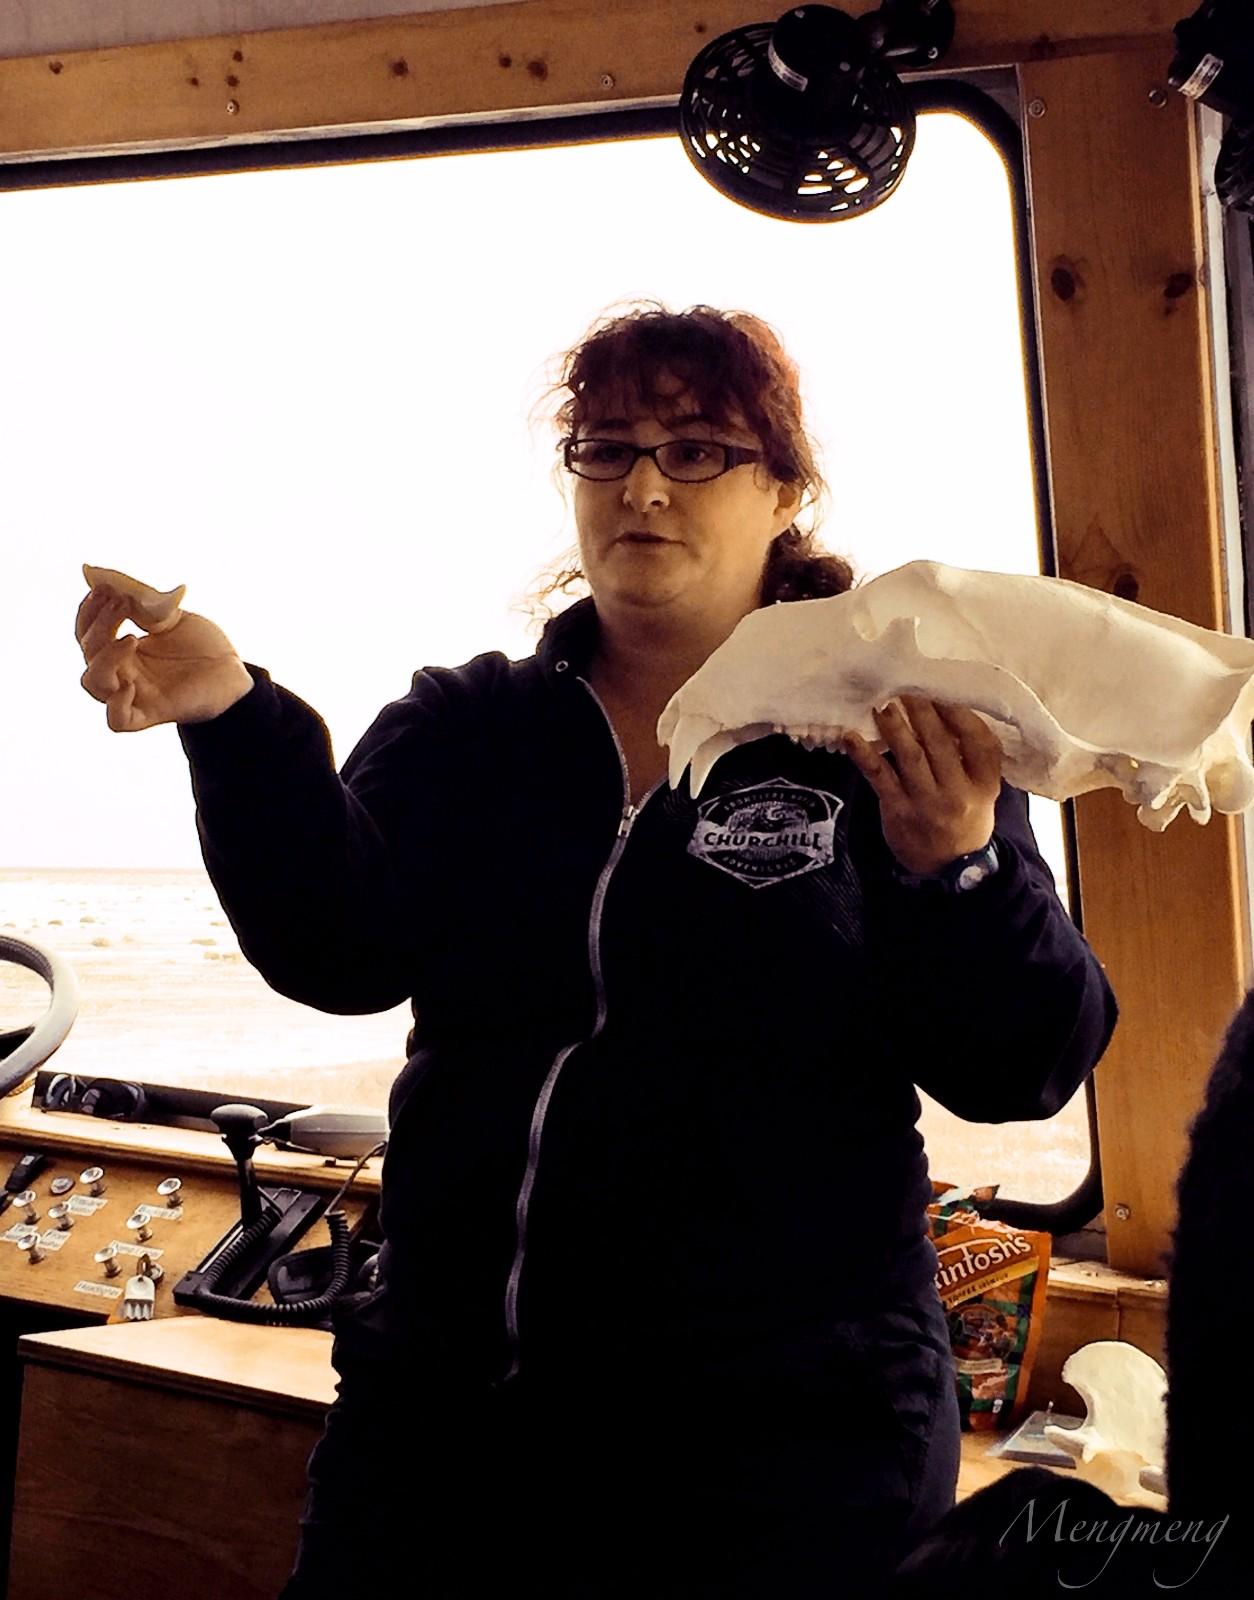 向导Angel拿着北极熊头骨模型做讲解.jpg